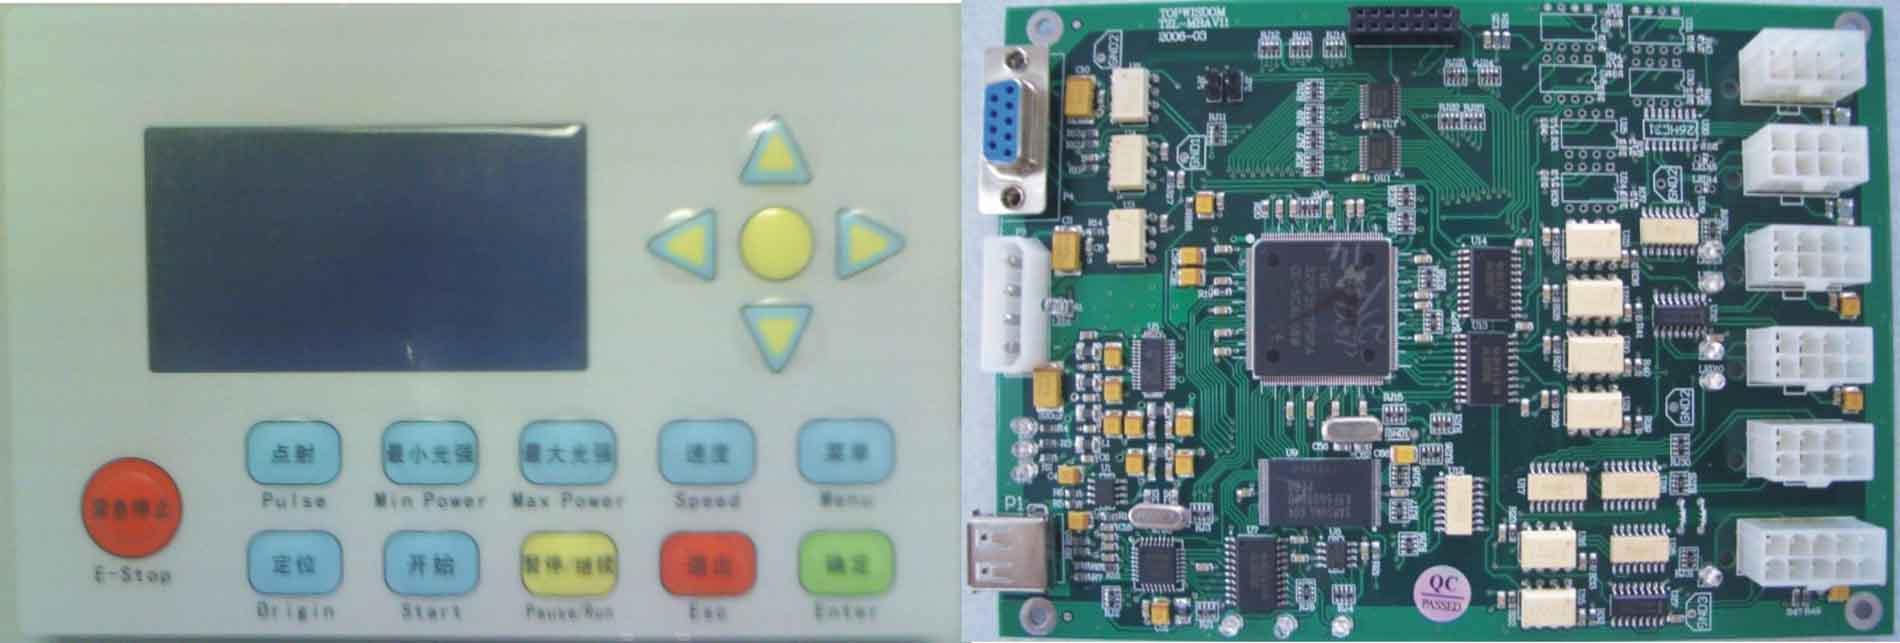 Ⅱ型激光雕刻/切割机电控系统产品大图